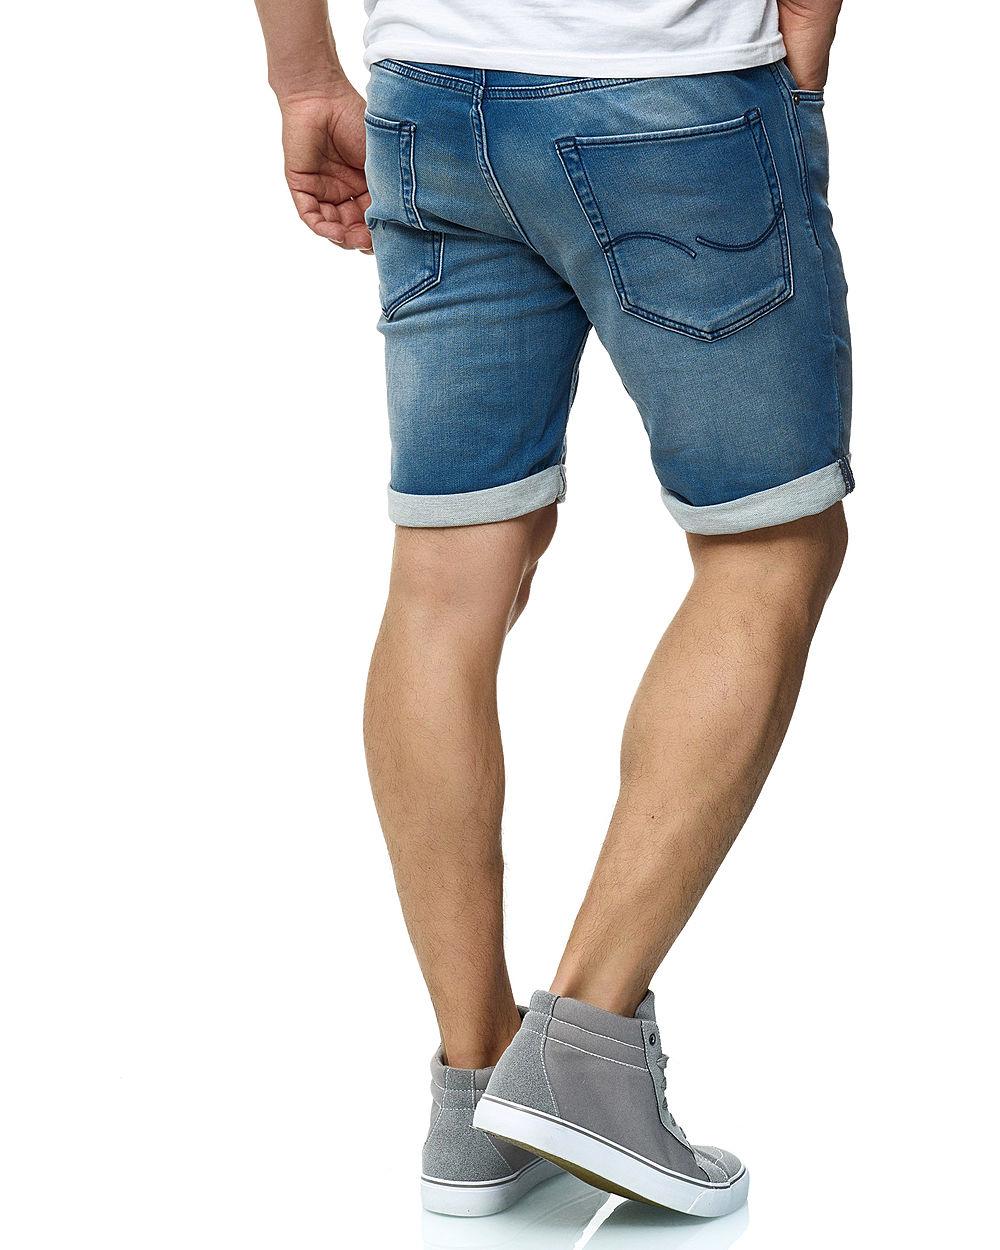 fantastische Einsparungen offizielle Bilder marktfähig Jack and Jones Herren Denim Bermuda Jeans Shorts 5-Pockets hell blau denim